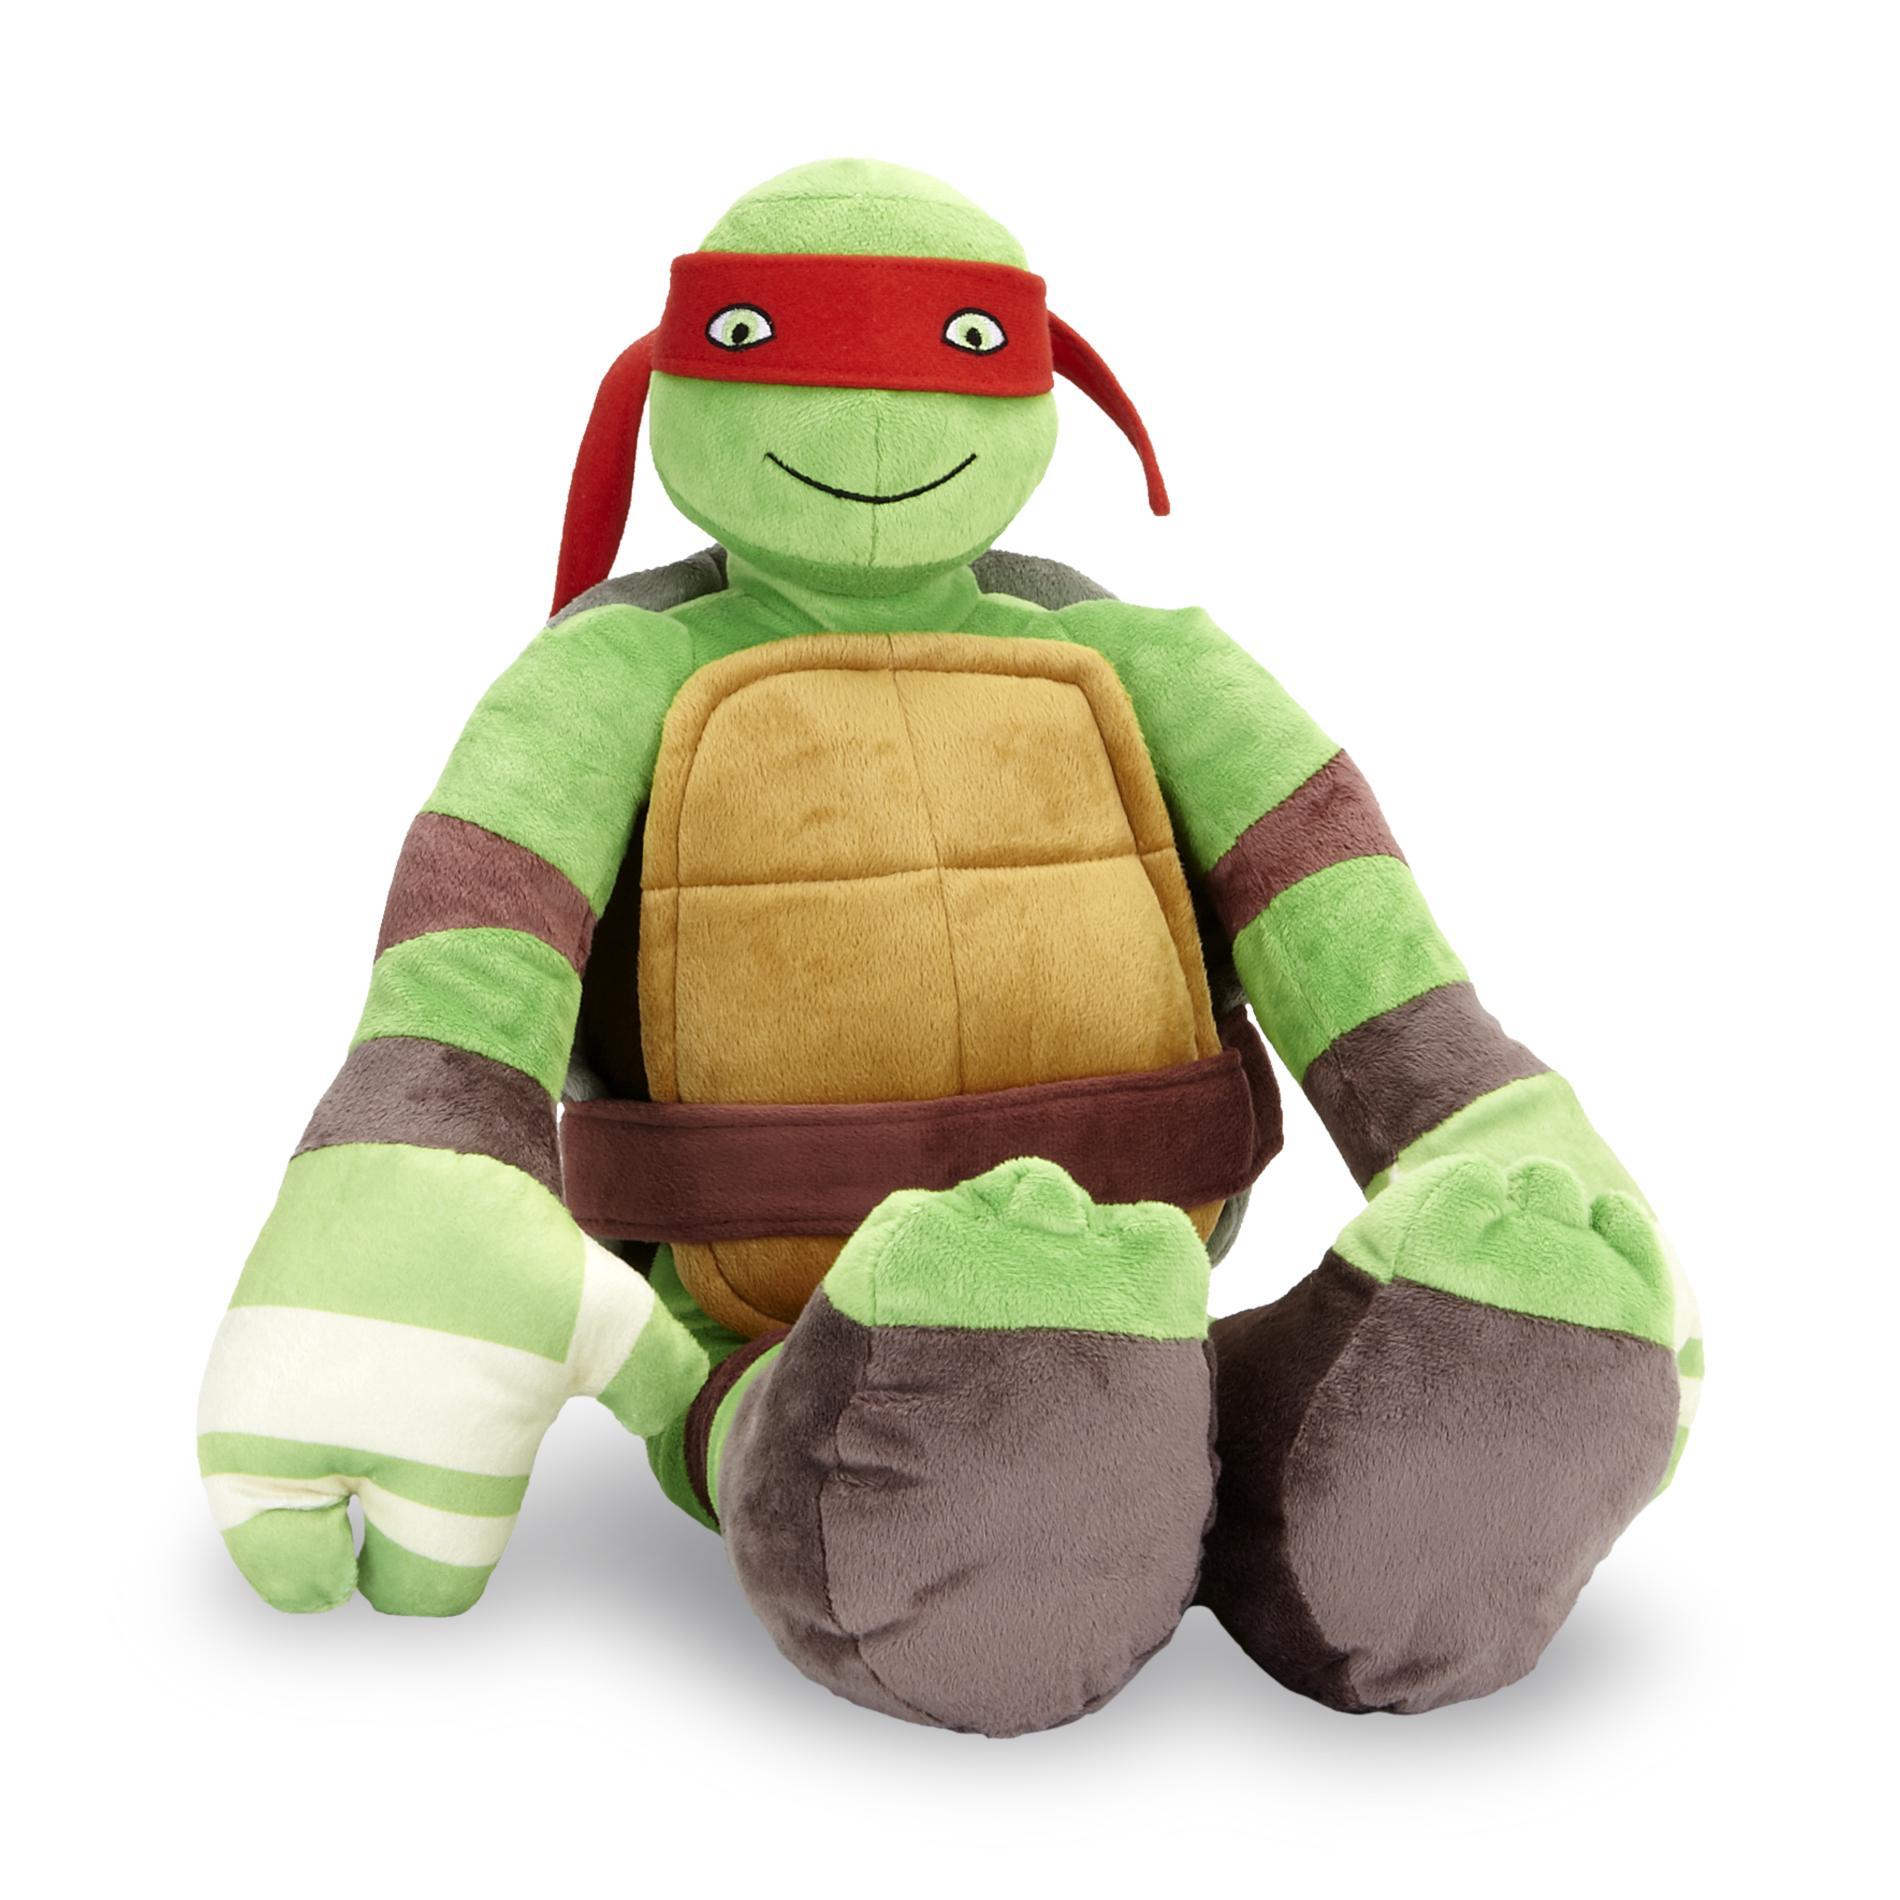 Teenage Mutant Ninja Turtles Cuddle Pillow